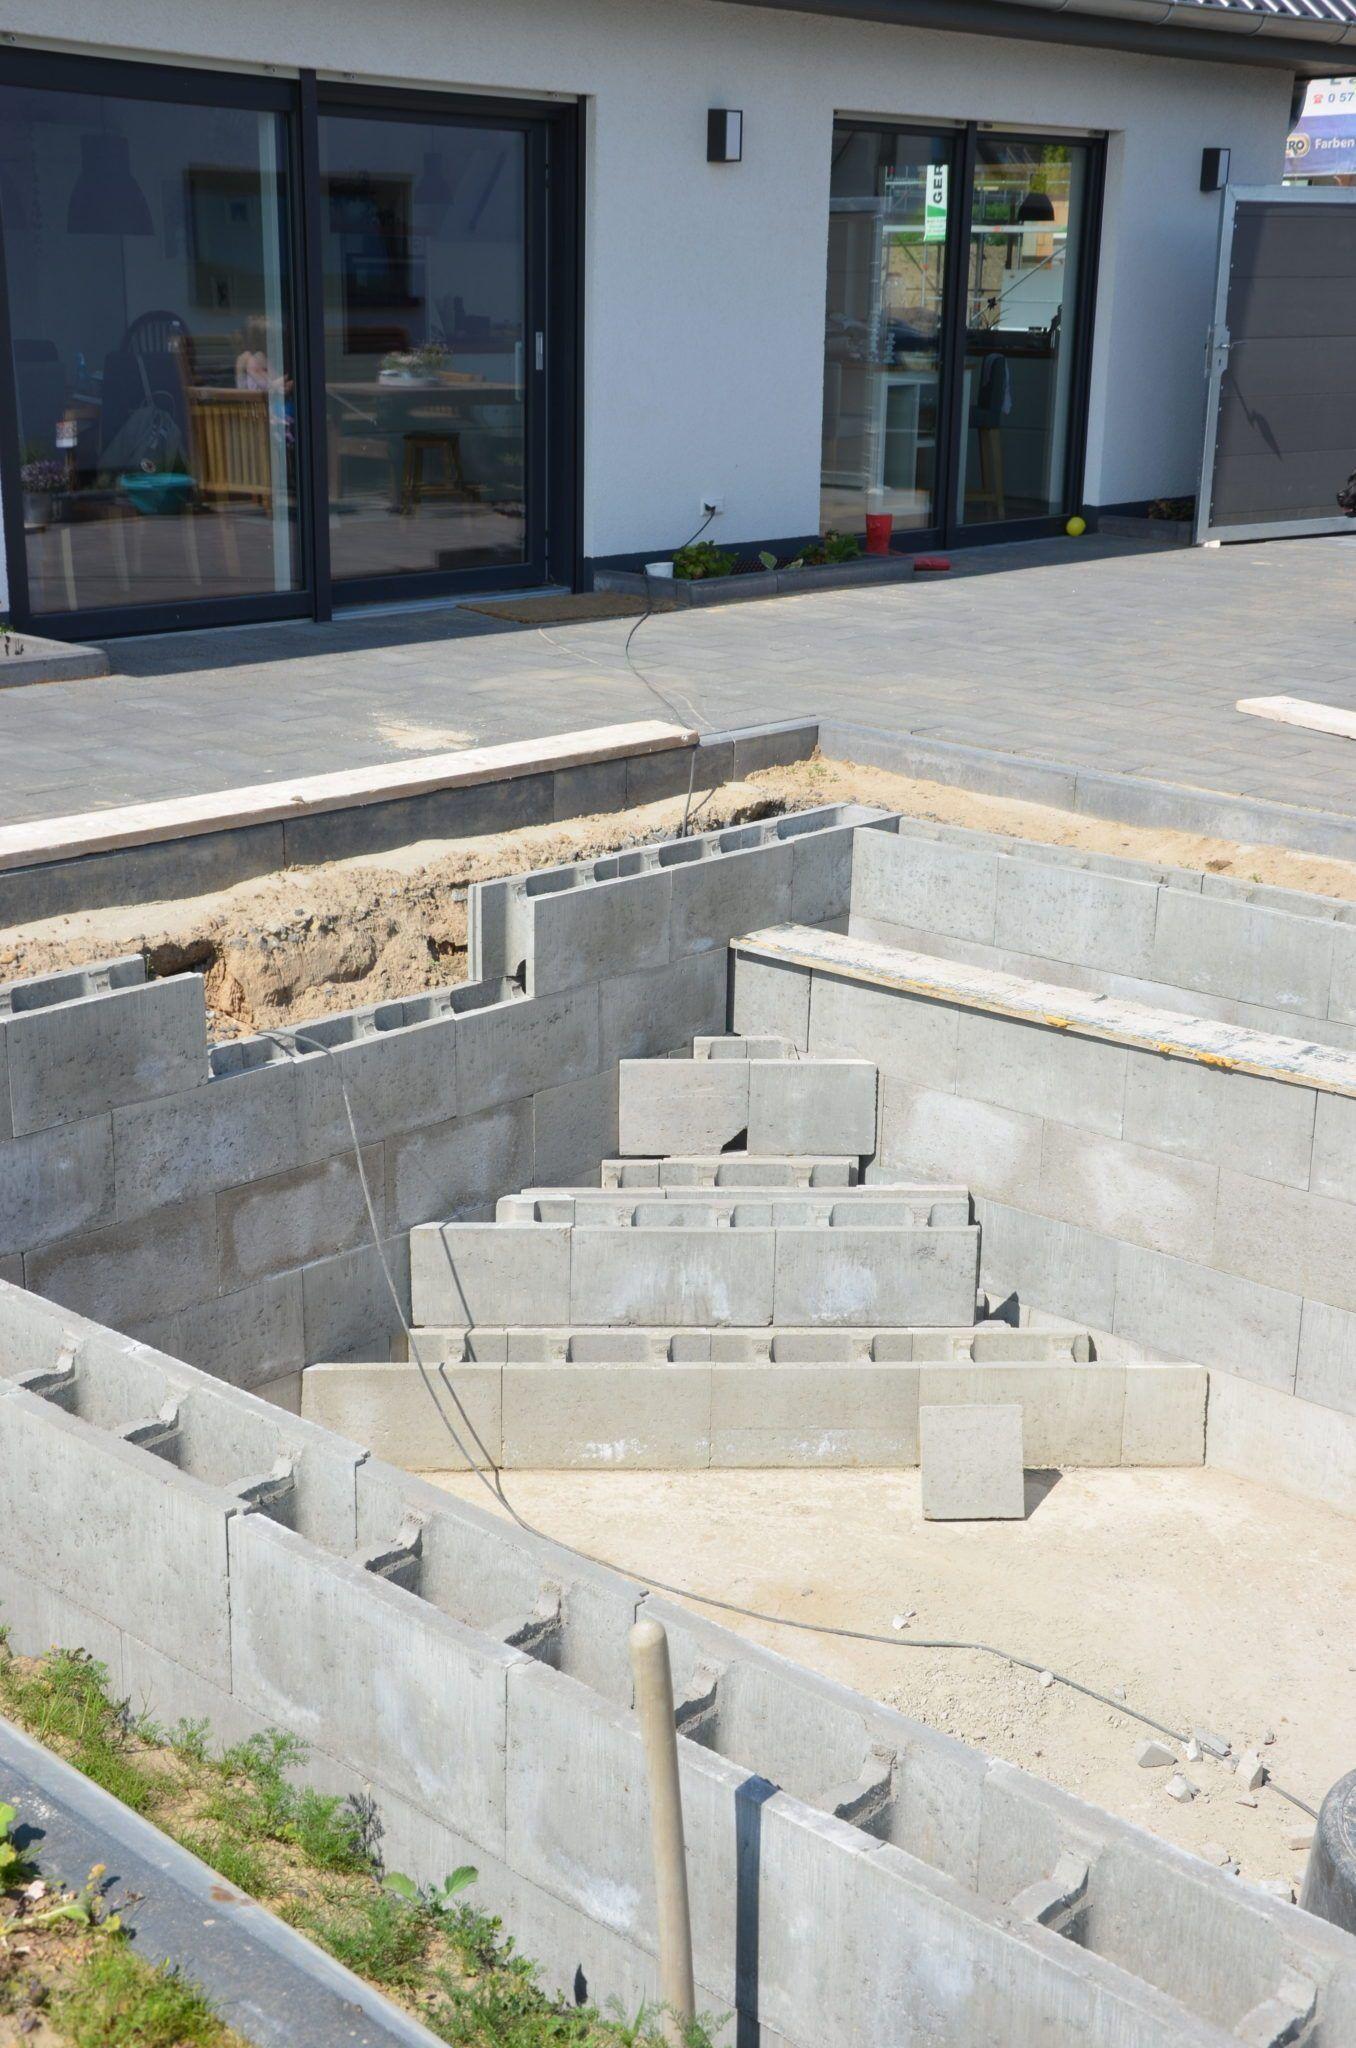 Einen Pool Fur Den Eigenen Garten Mit Hilfe Selber Bauen In 2020 Hinterhof Pool Landschaftsbau Kleine Hinterhof Pools Garten Pool Selber Bauen